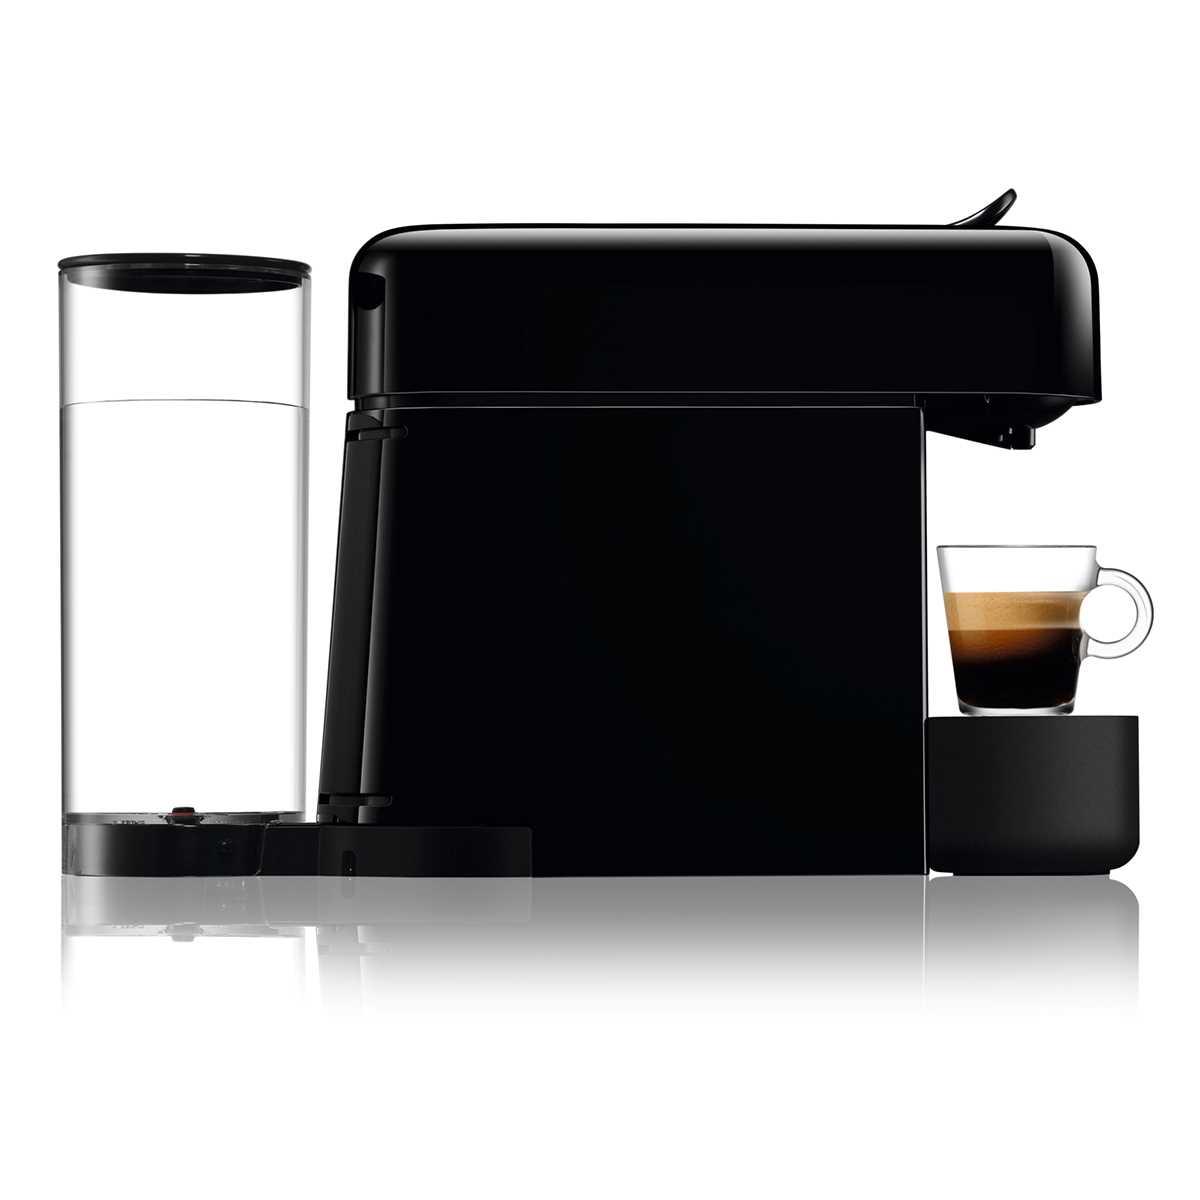 מכונת אספרסו Nespresso Essenza D45 Plus נספרסו כולל מקצף חלב - תמונה 4